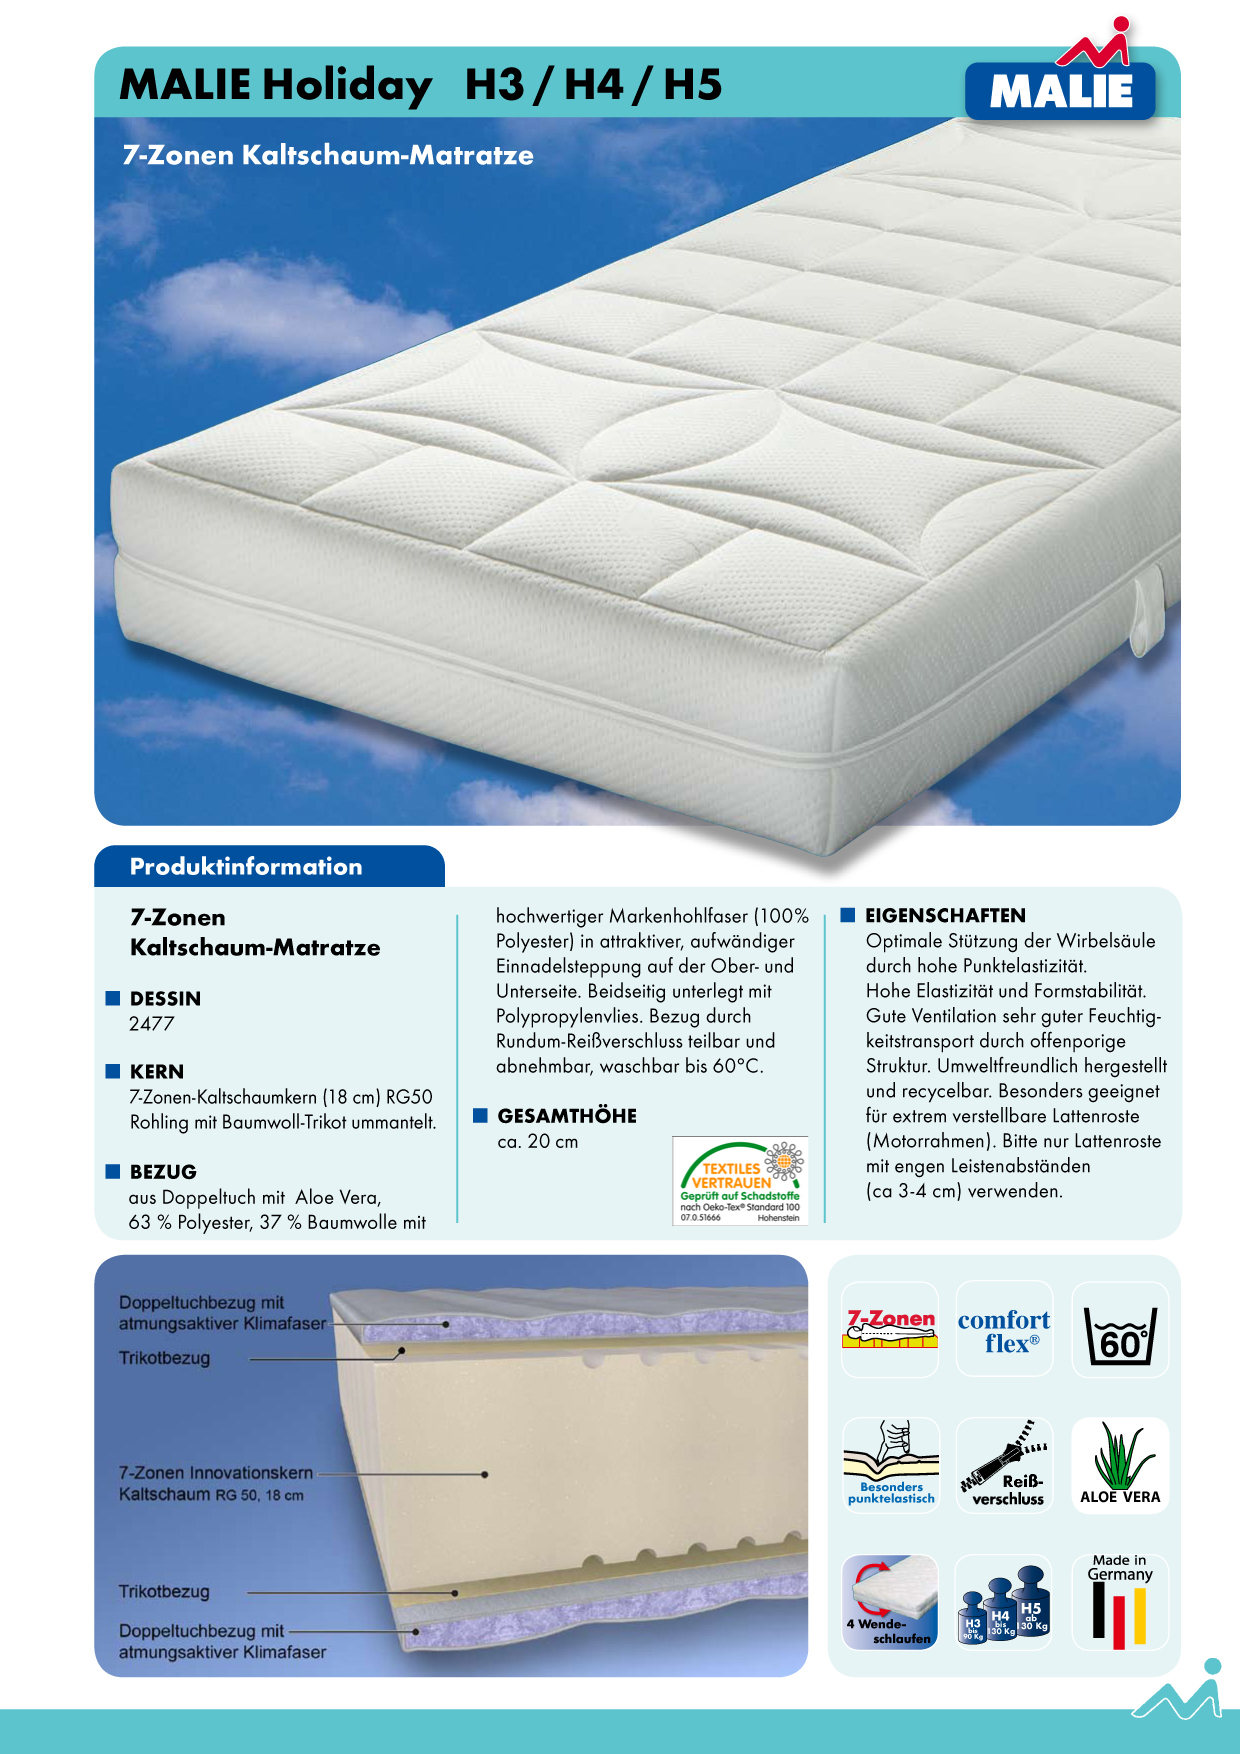 malie matratzen 140x200 holiday h3 7 zonen kaltschaummatratze. Black Bedroom Furniture Sets. Home Design Ideas